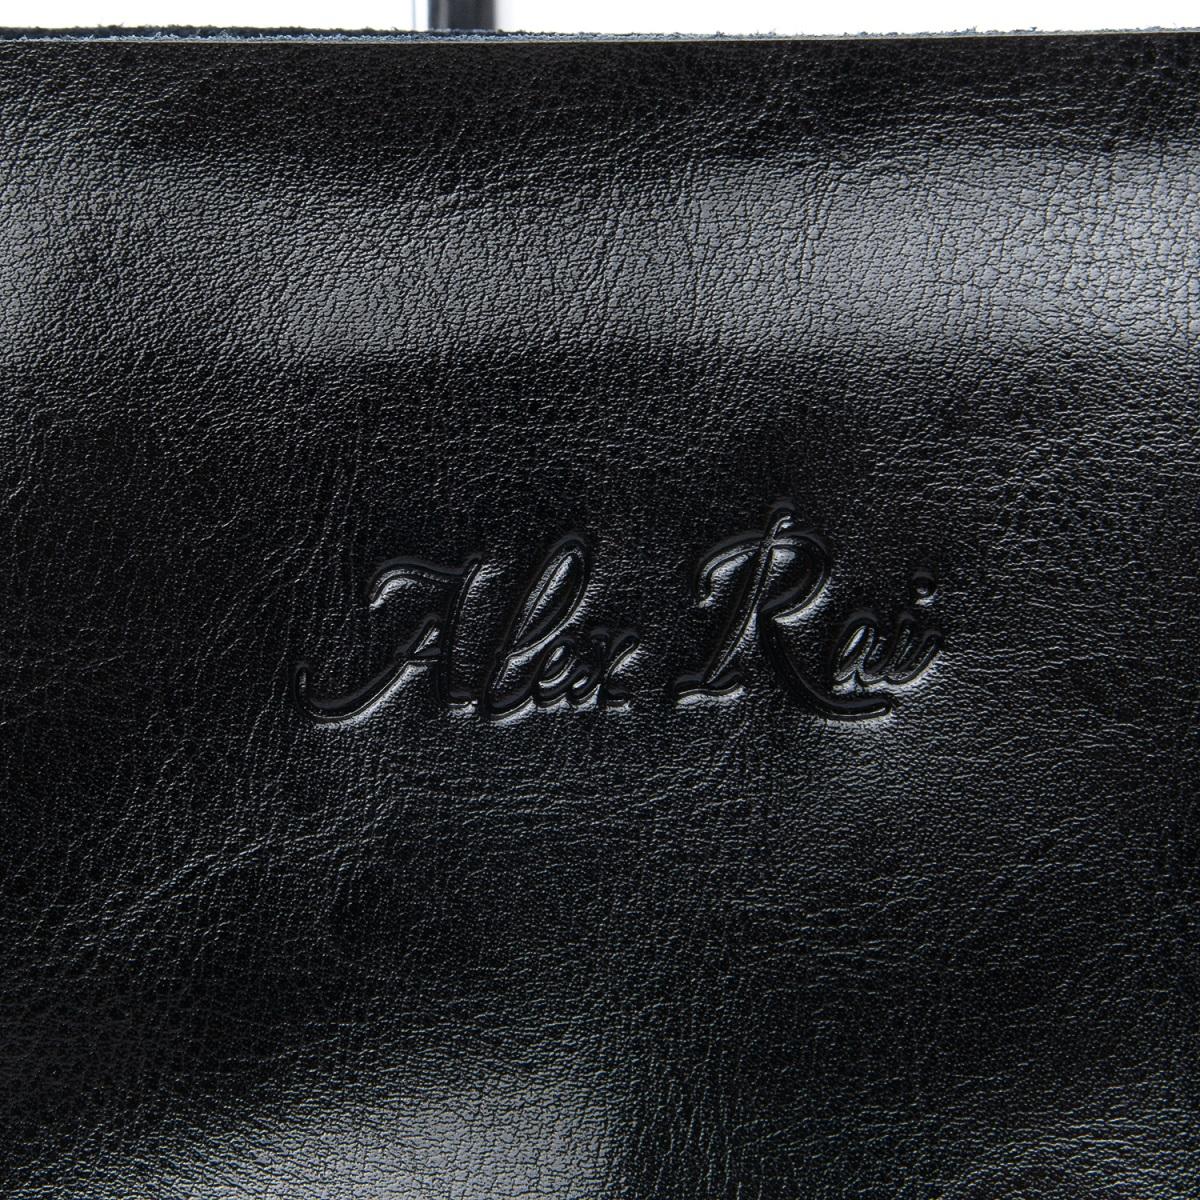 Сумка Женская Классическая кожа ALEX RAI 08-1 8603 black - фото 5